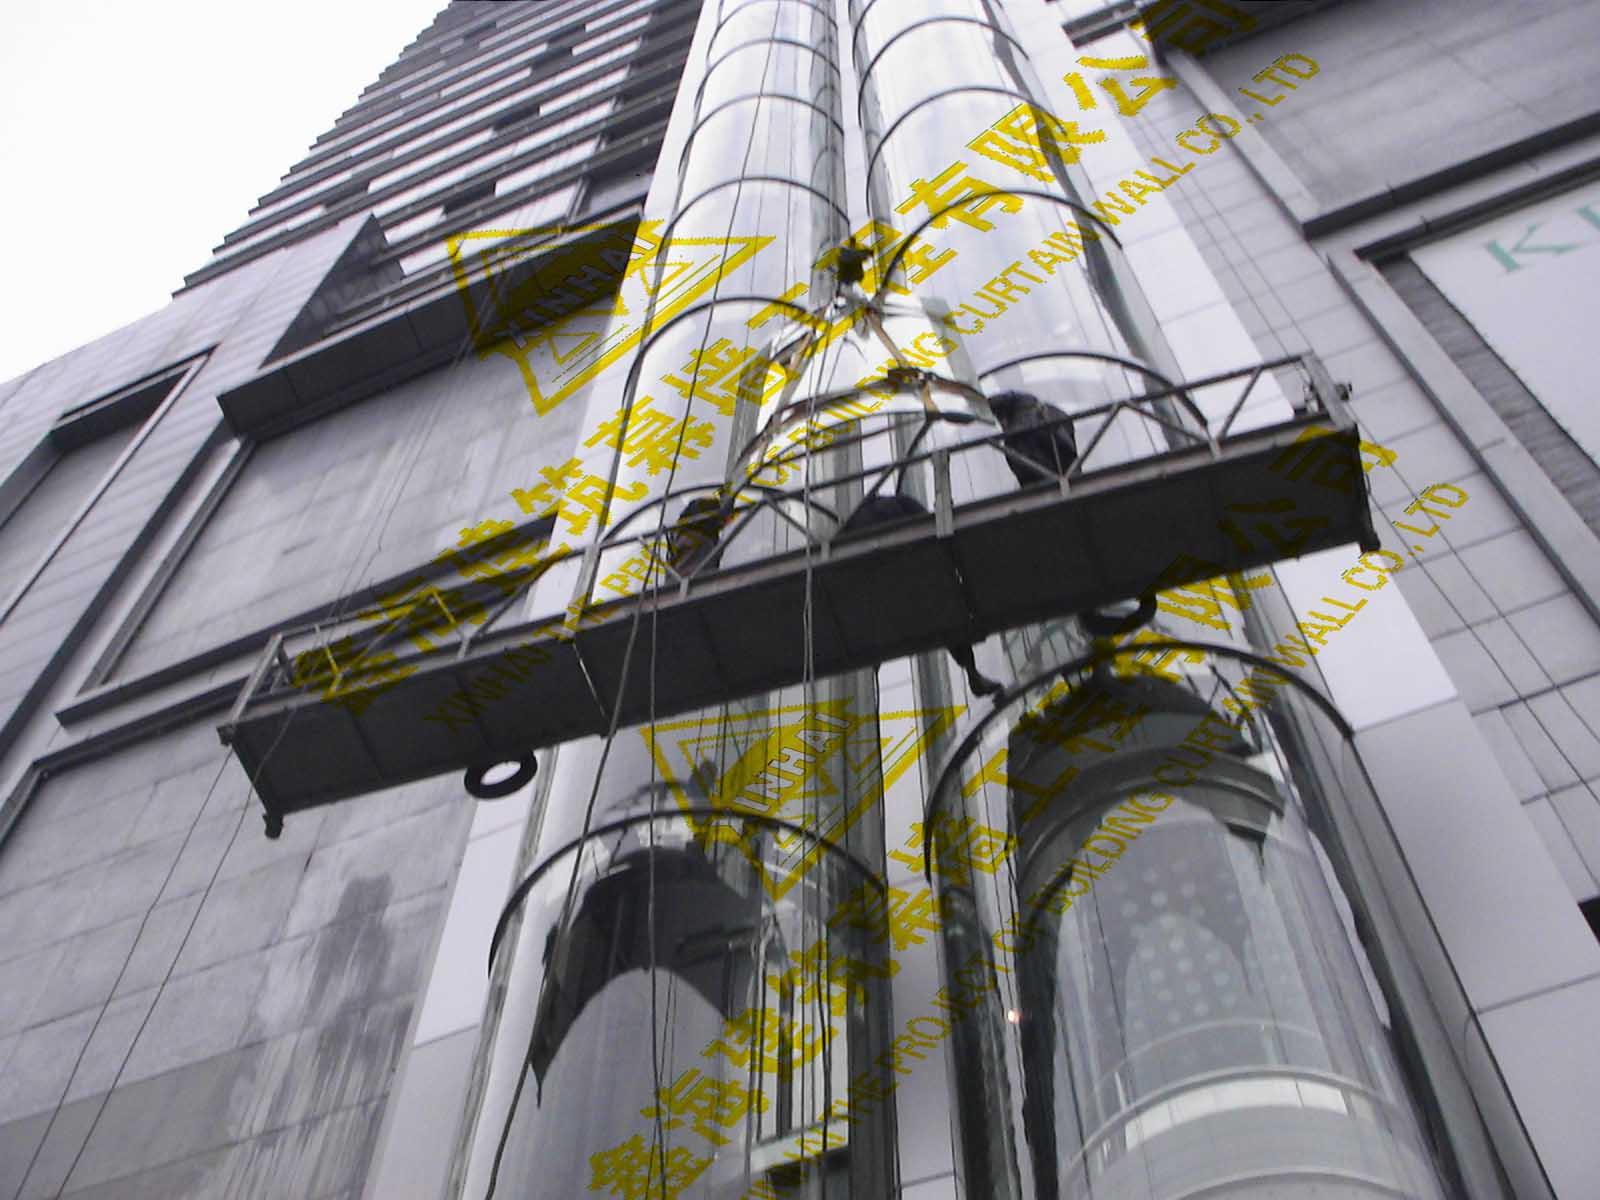 吊篮出租找广州鑫海建筑幕墙工程 租用电动吊篮公司